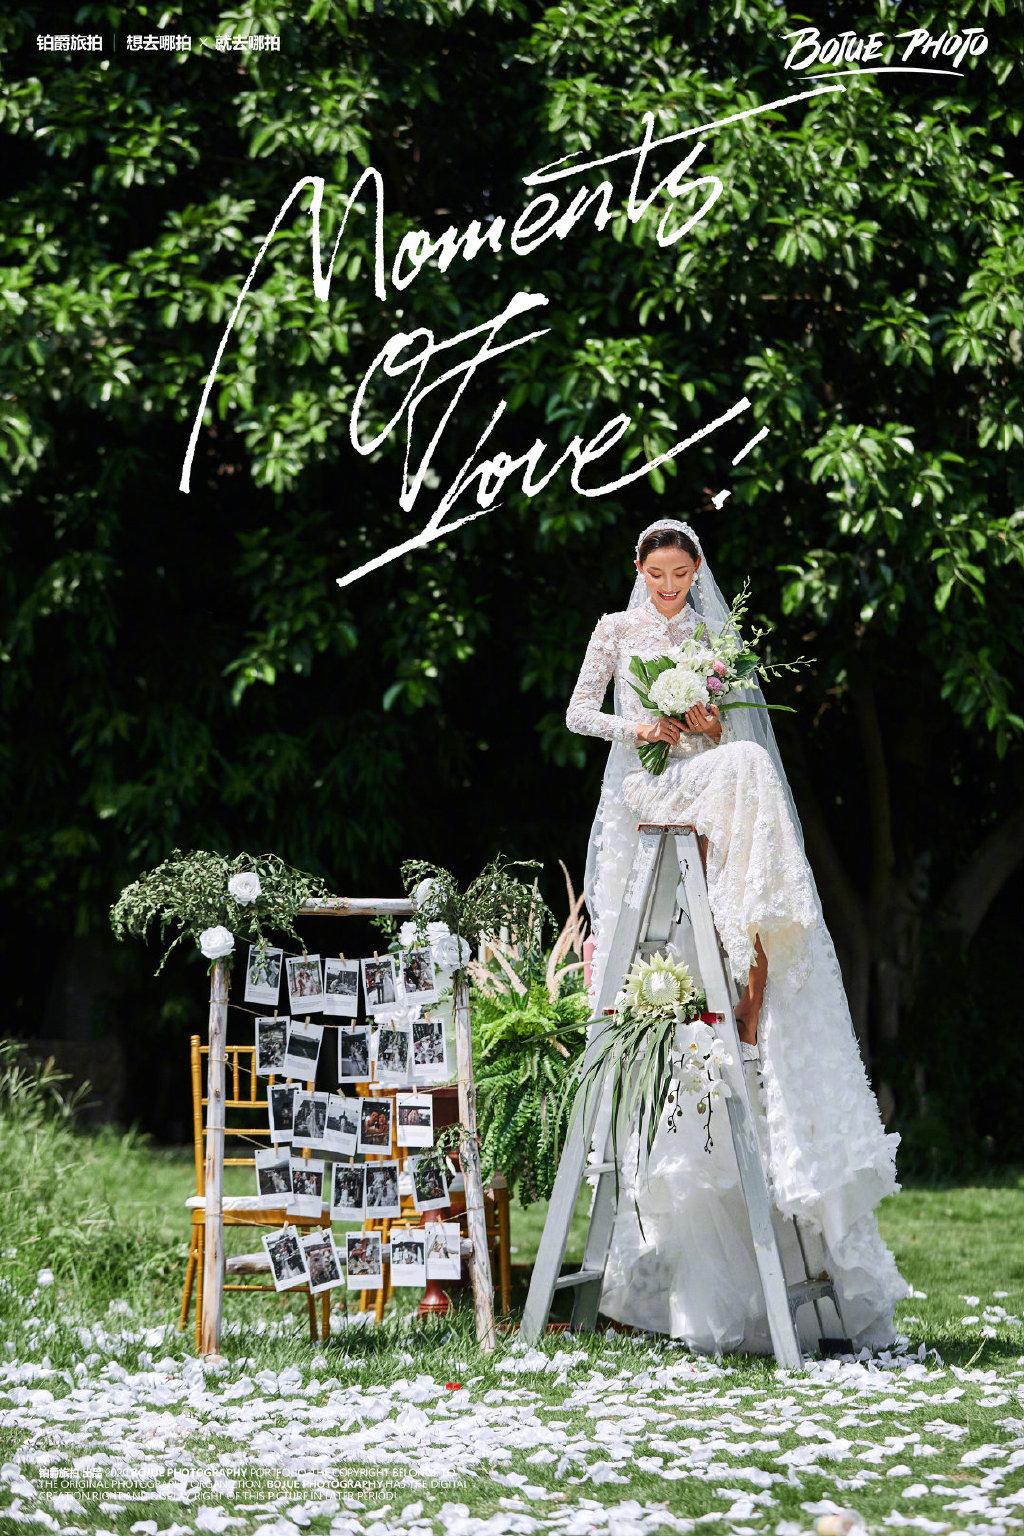 厦门几月份拍婚纱照最好看 厦门婚纱摄影最适合的季节